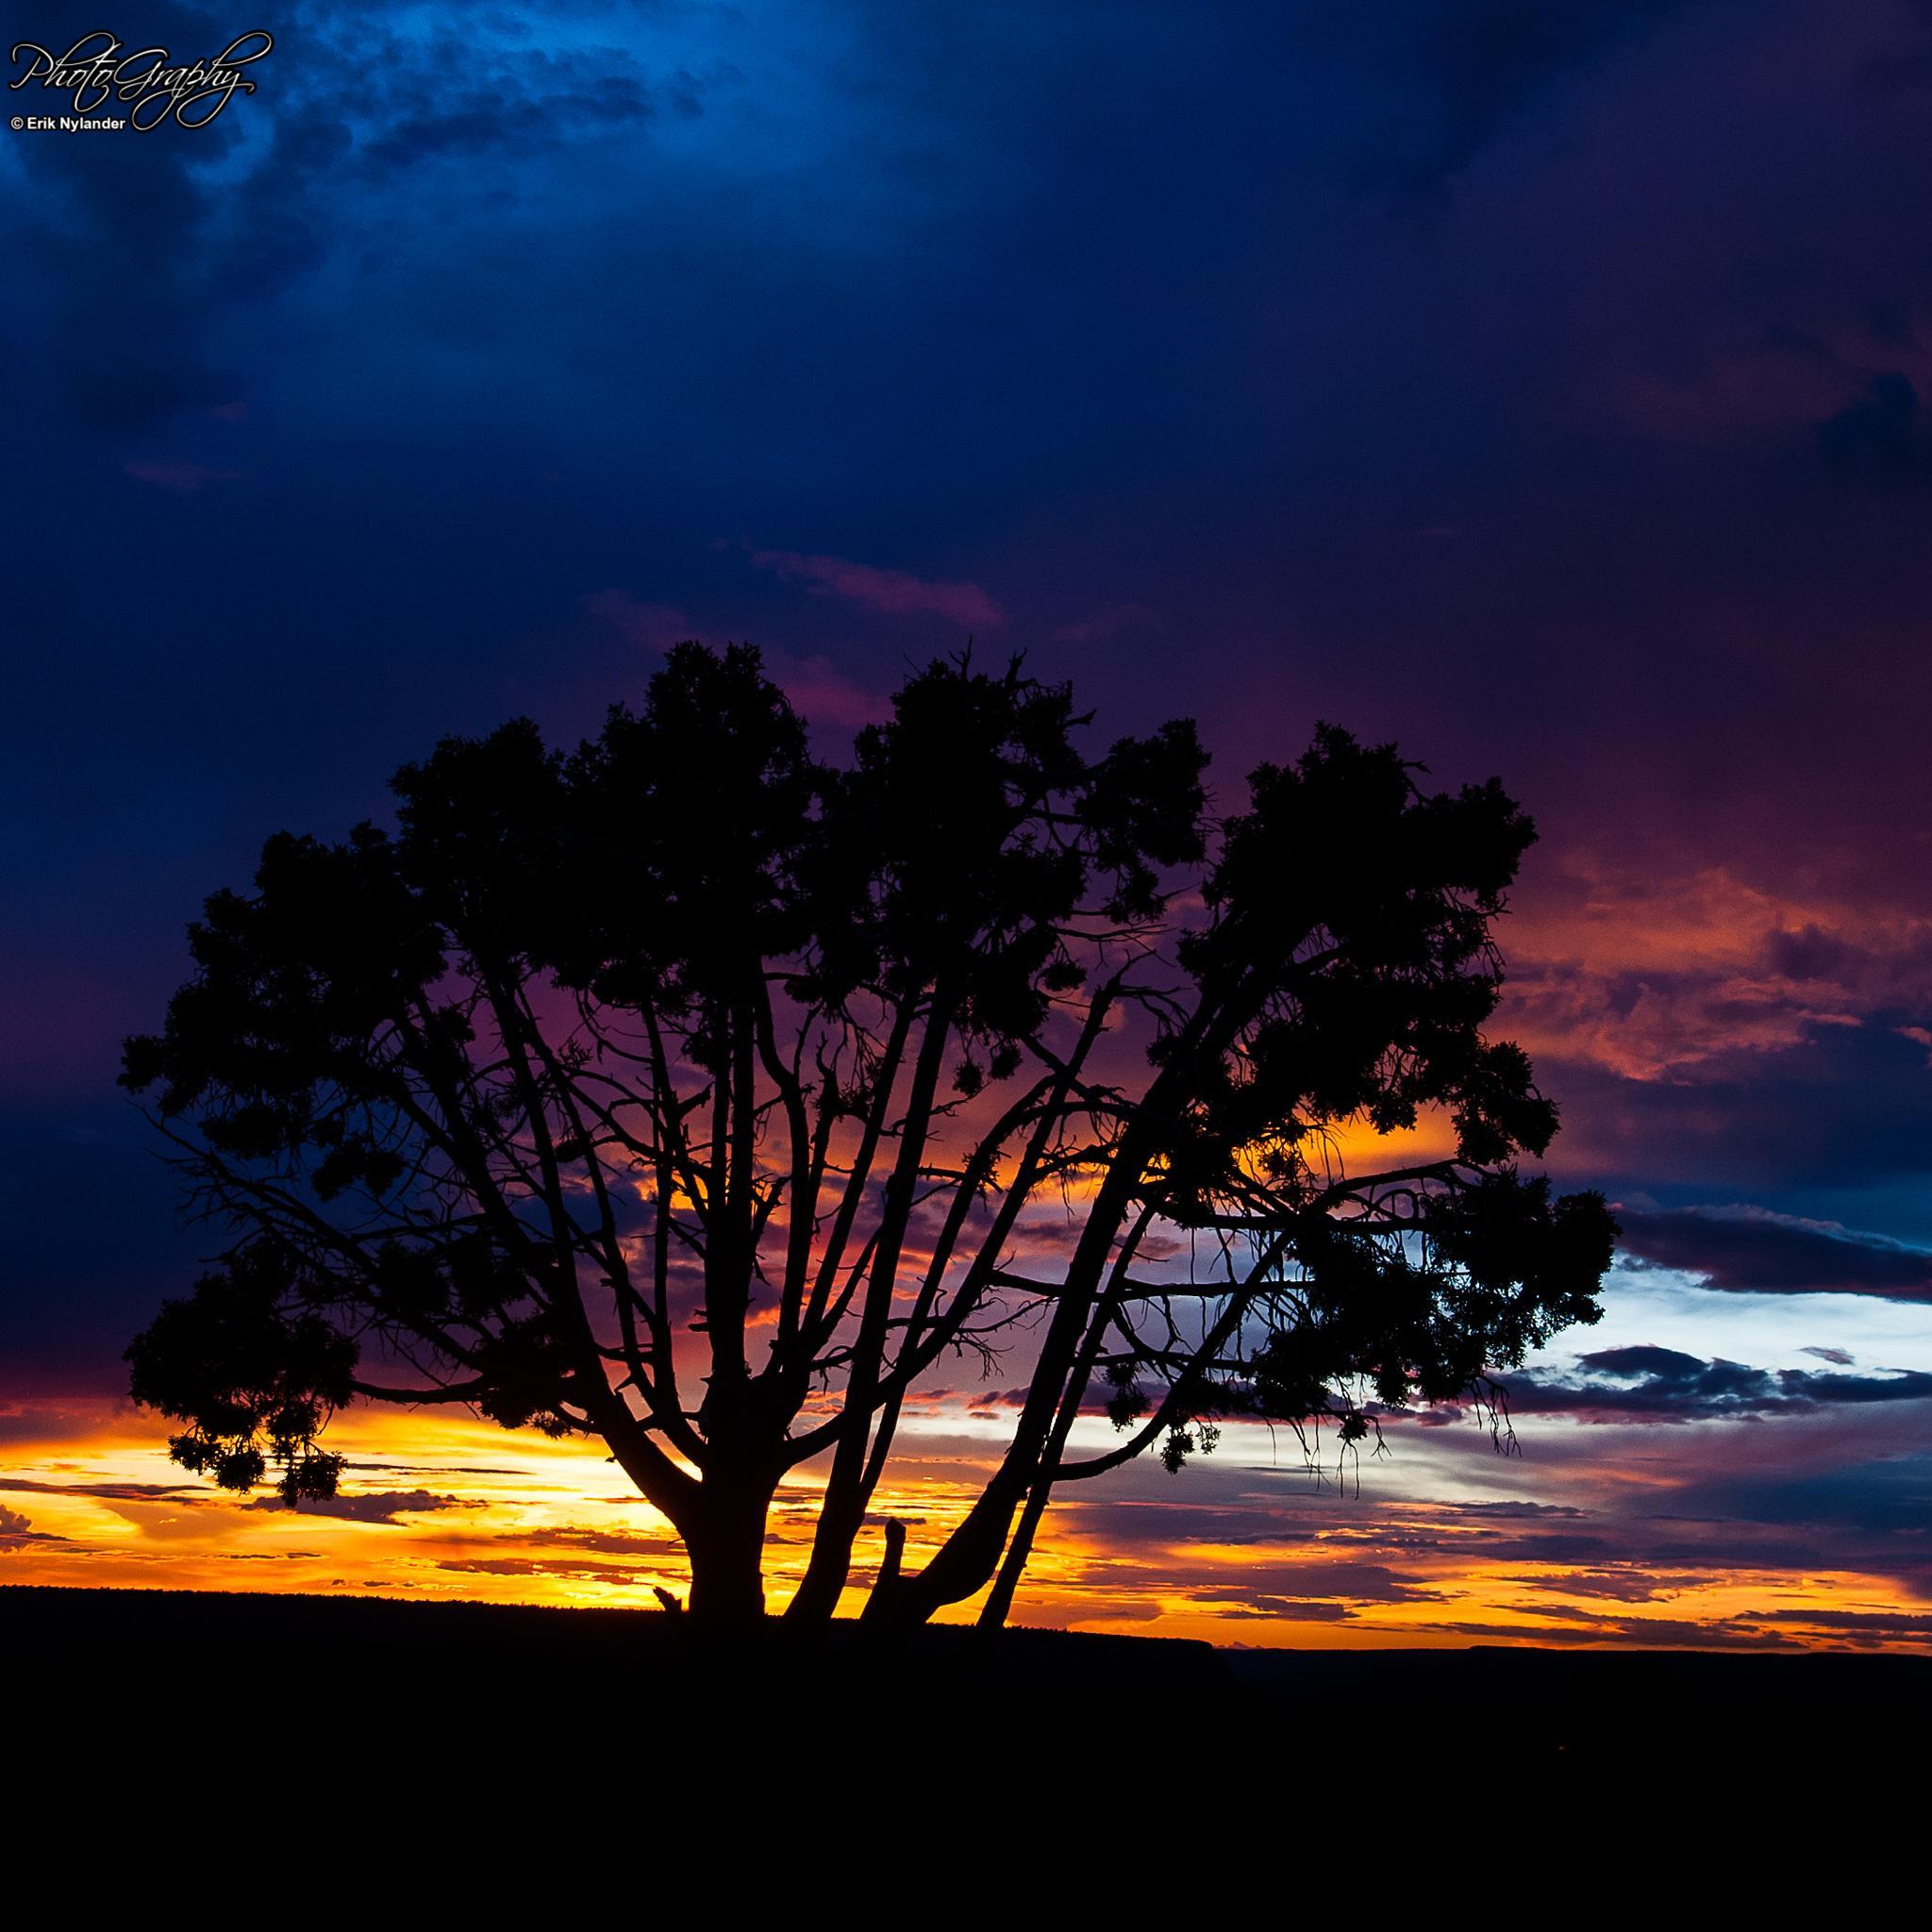 Tree by Erik Nylander